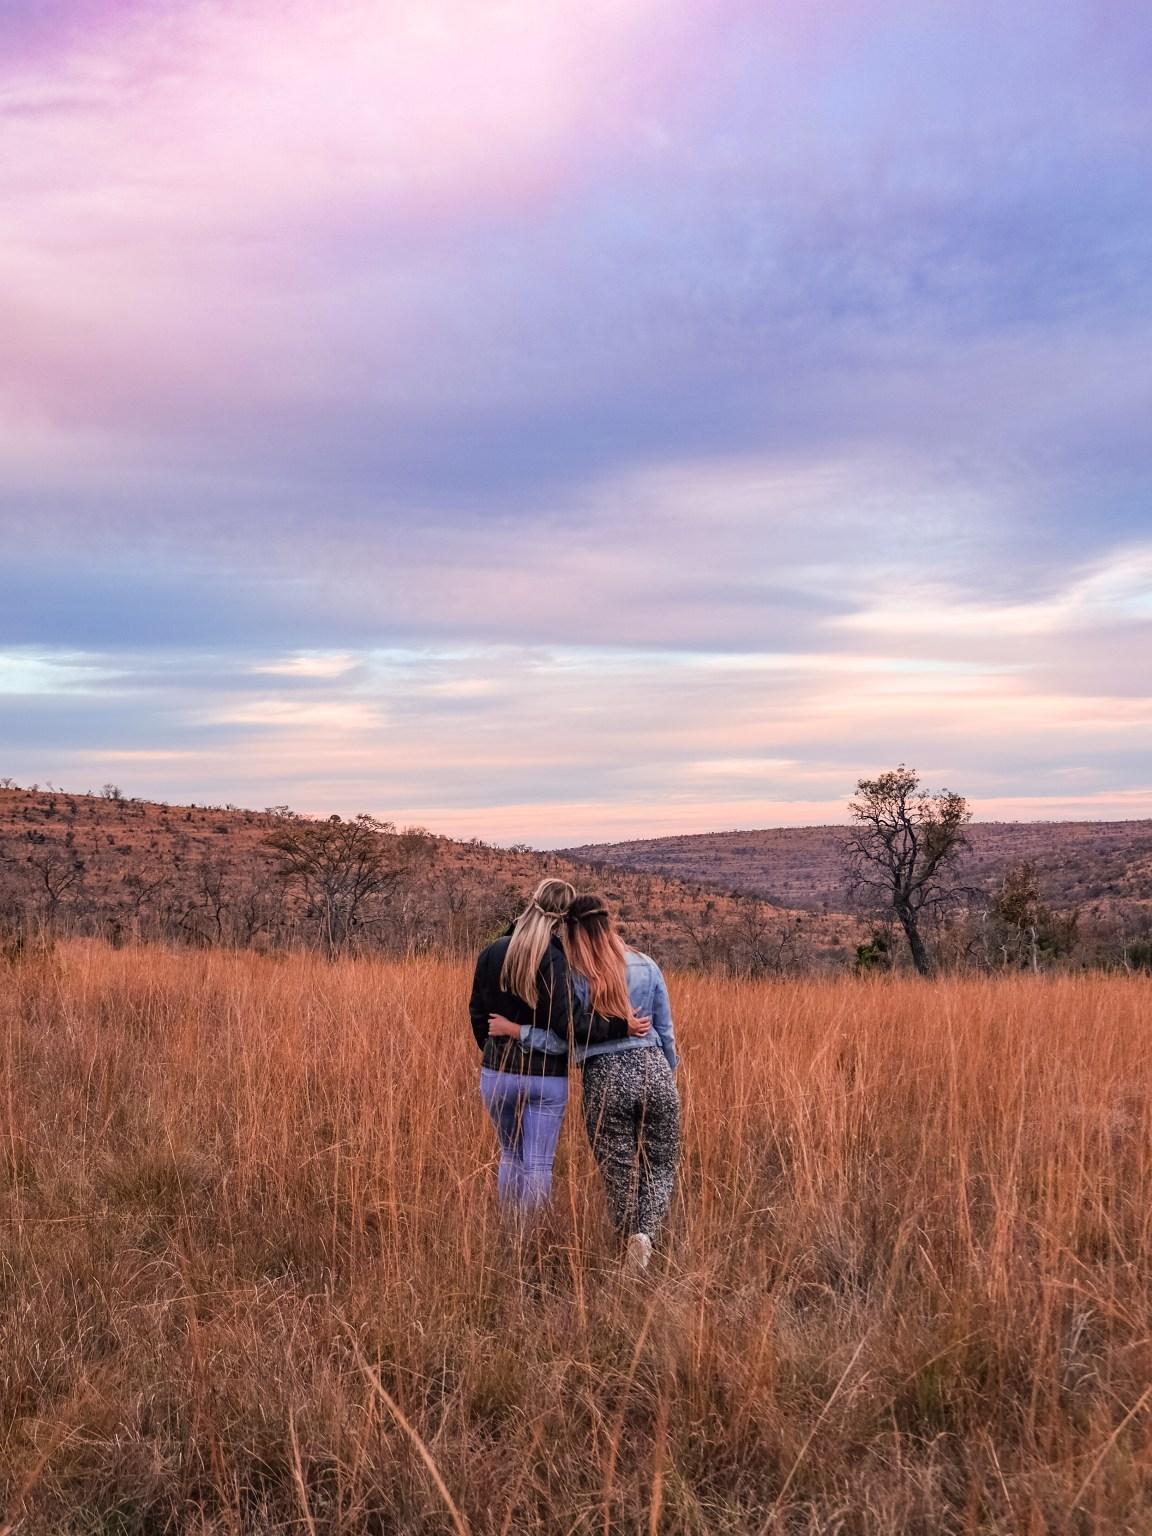 ekuthuleni safari lodge